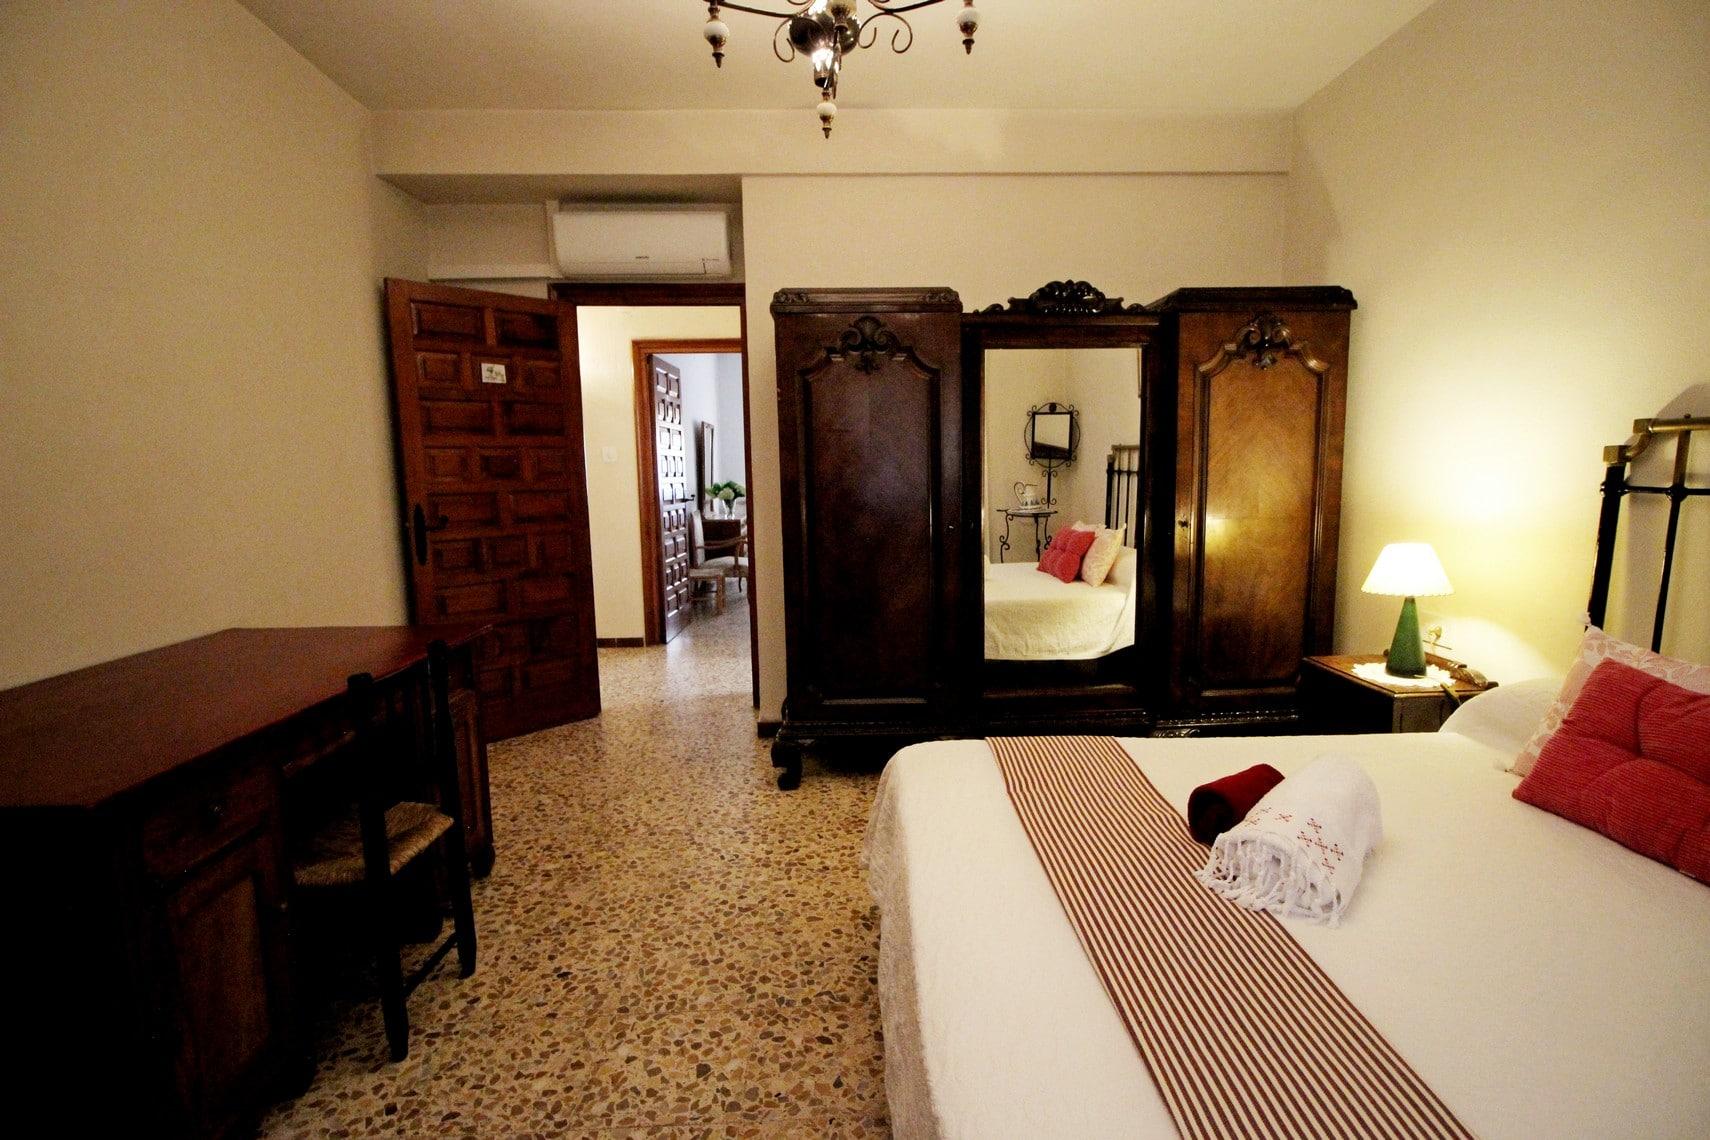 habitación5_las_hazas jarandilla024